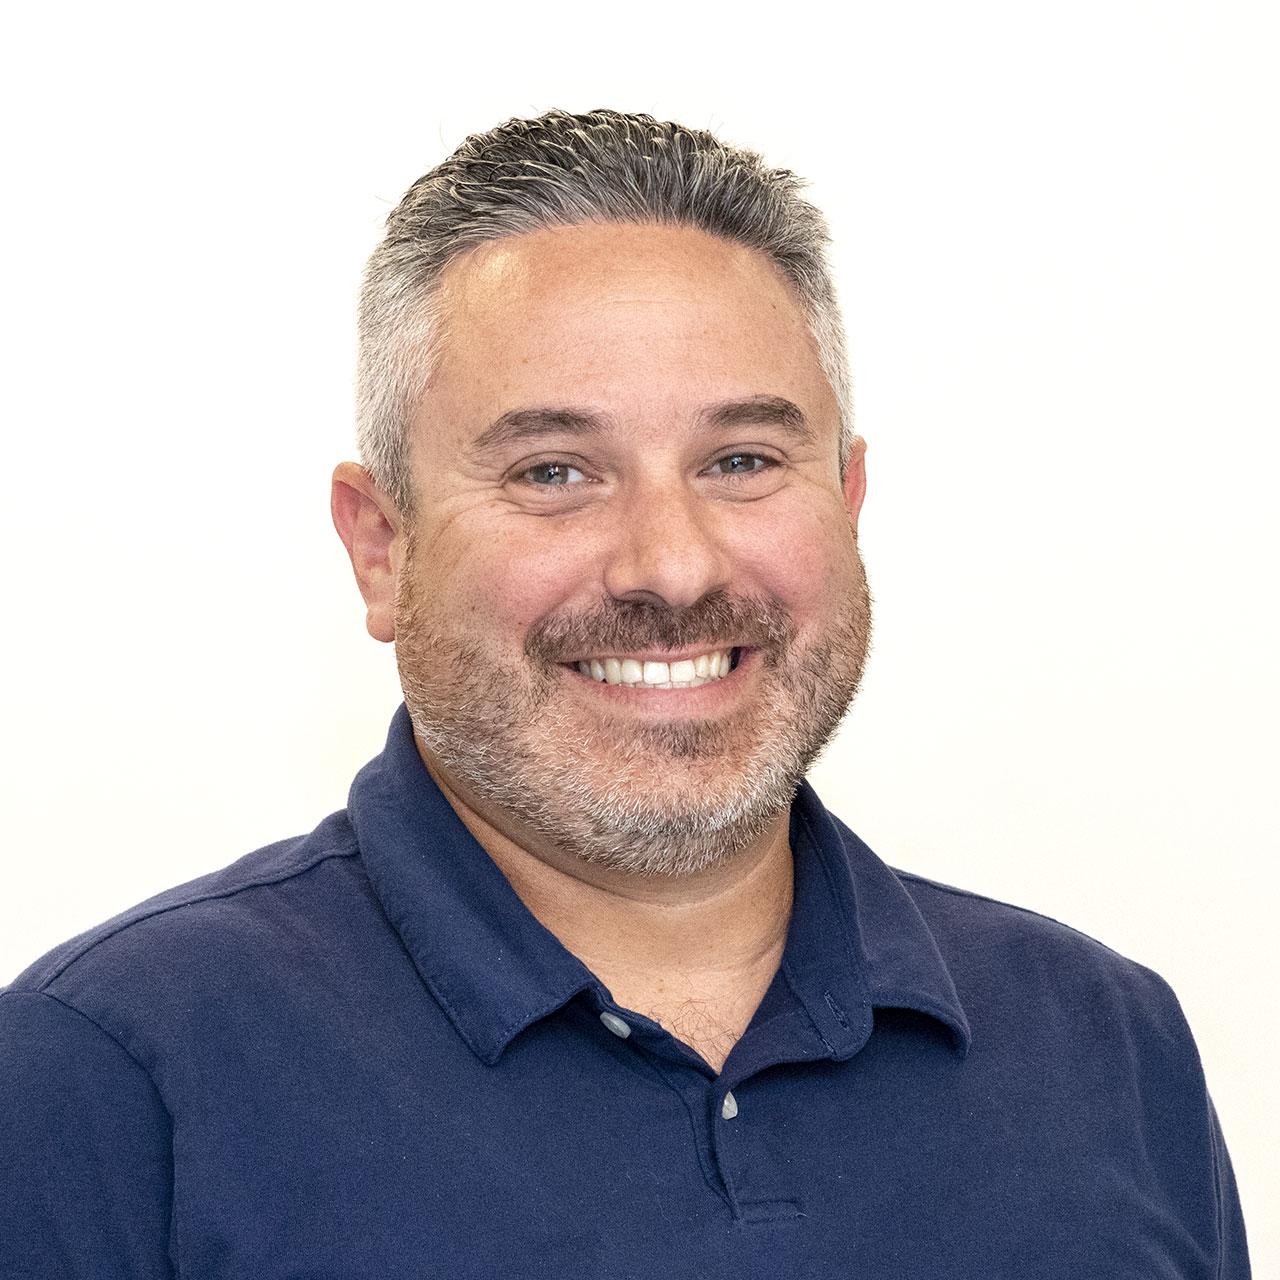 ALBERT FINS - CHIEF FINANCIAL OFFICER